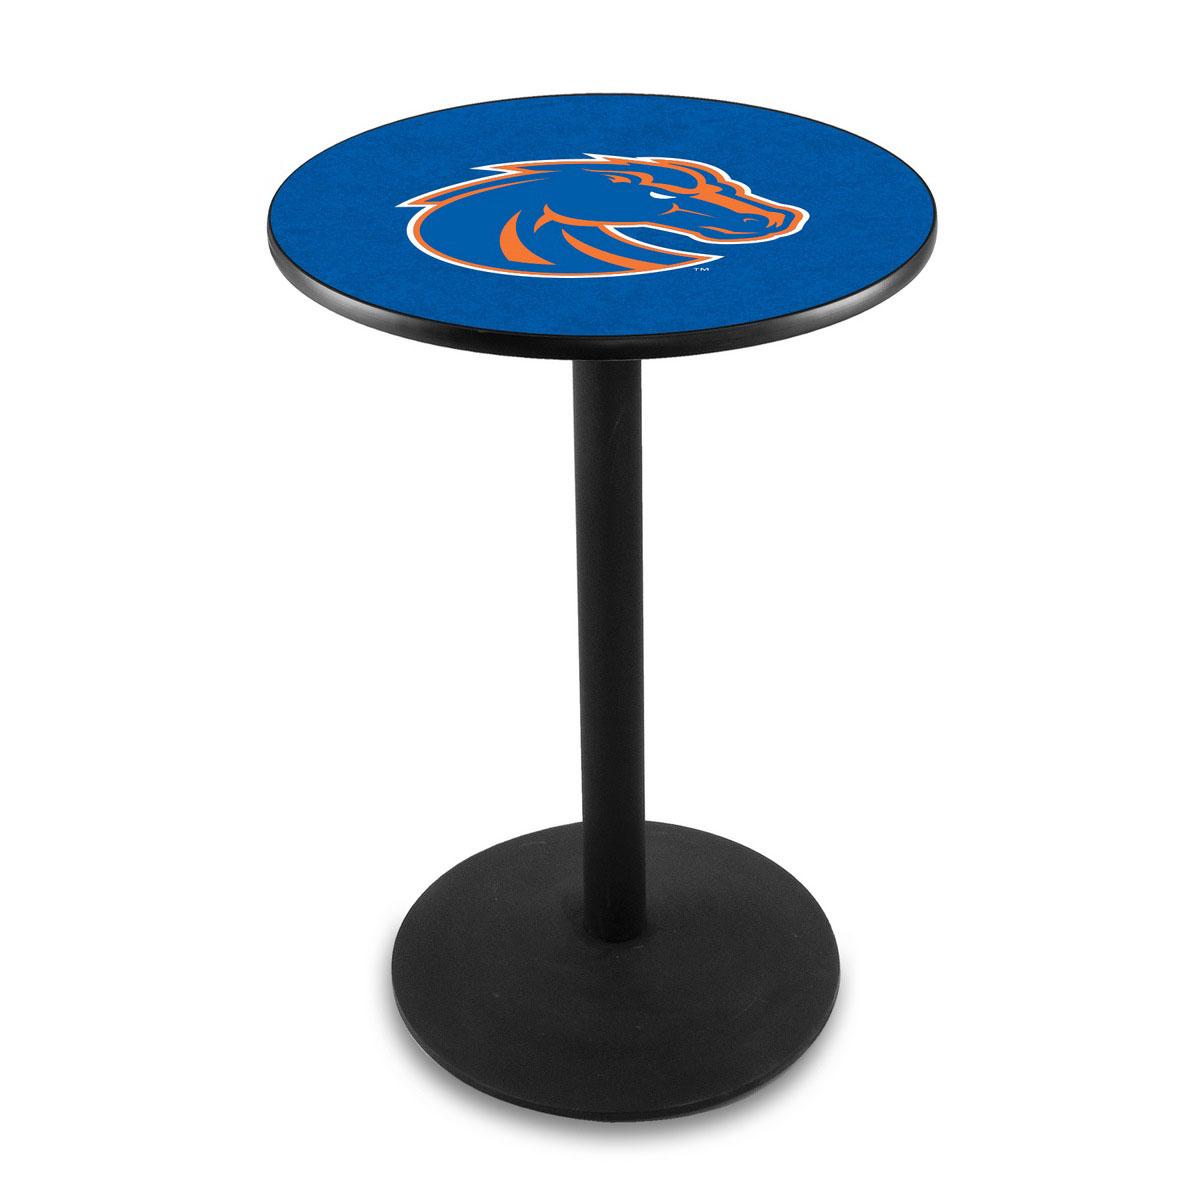 Stylish Boise State University Logo Pub Bar Table Round Stand Product Photo